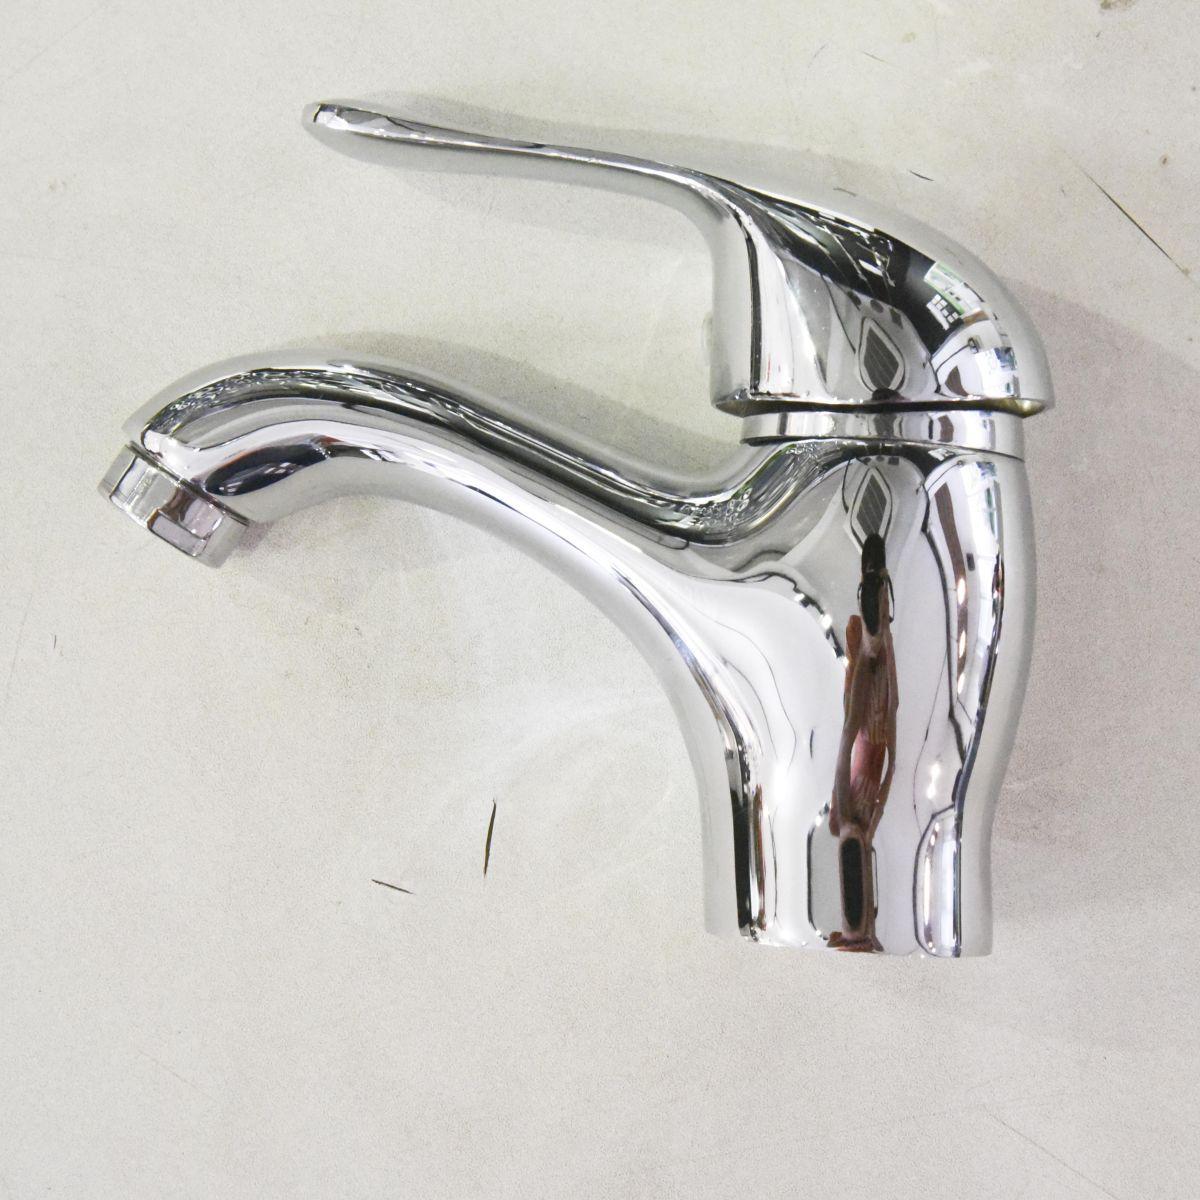 Vòi chậu lavabo Outlet 02 là sản phẩm thiết bị vệ sinh outlet, xả kho, thanh lý một số mặt hàng trưng bày, giá khuyến mãi cực kỳ hấp dẫn, đến ngay showroom Hita tại Tphcm